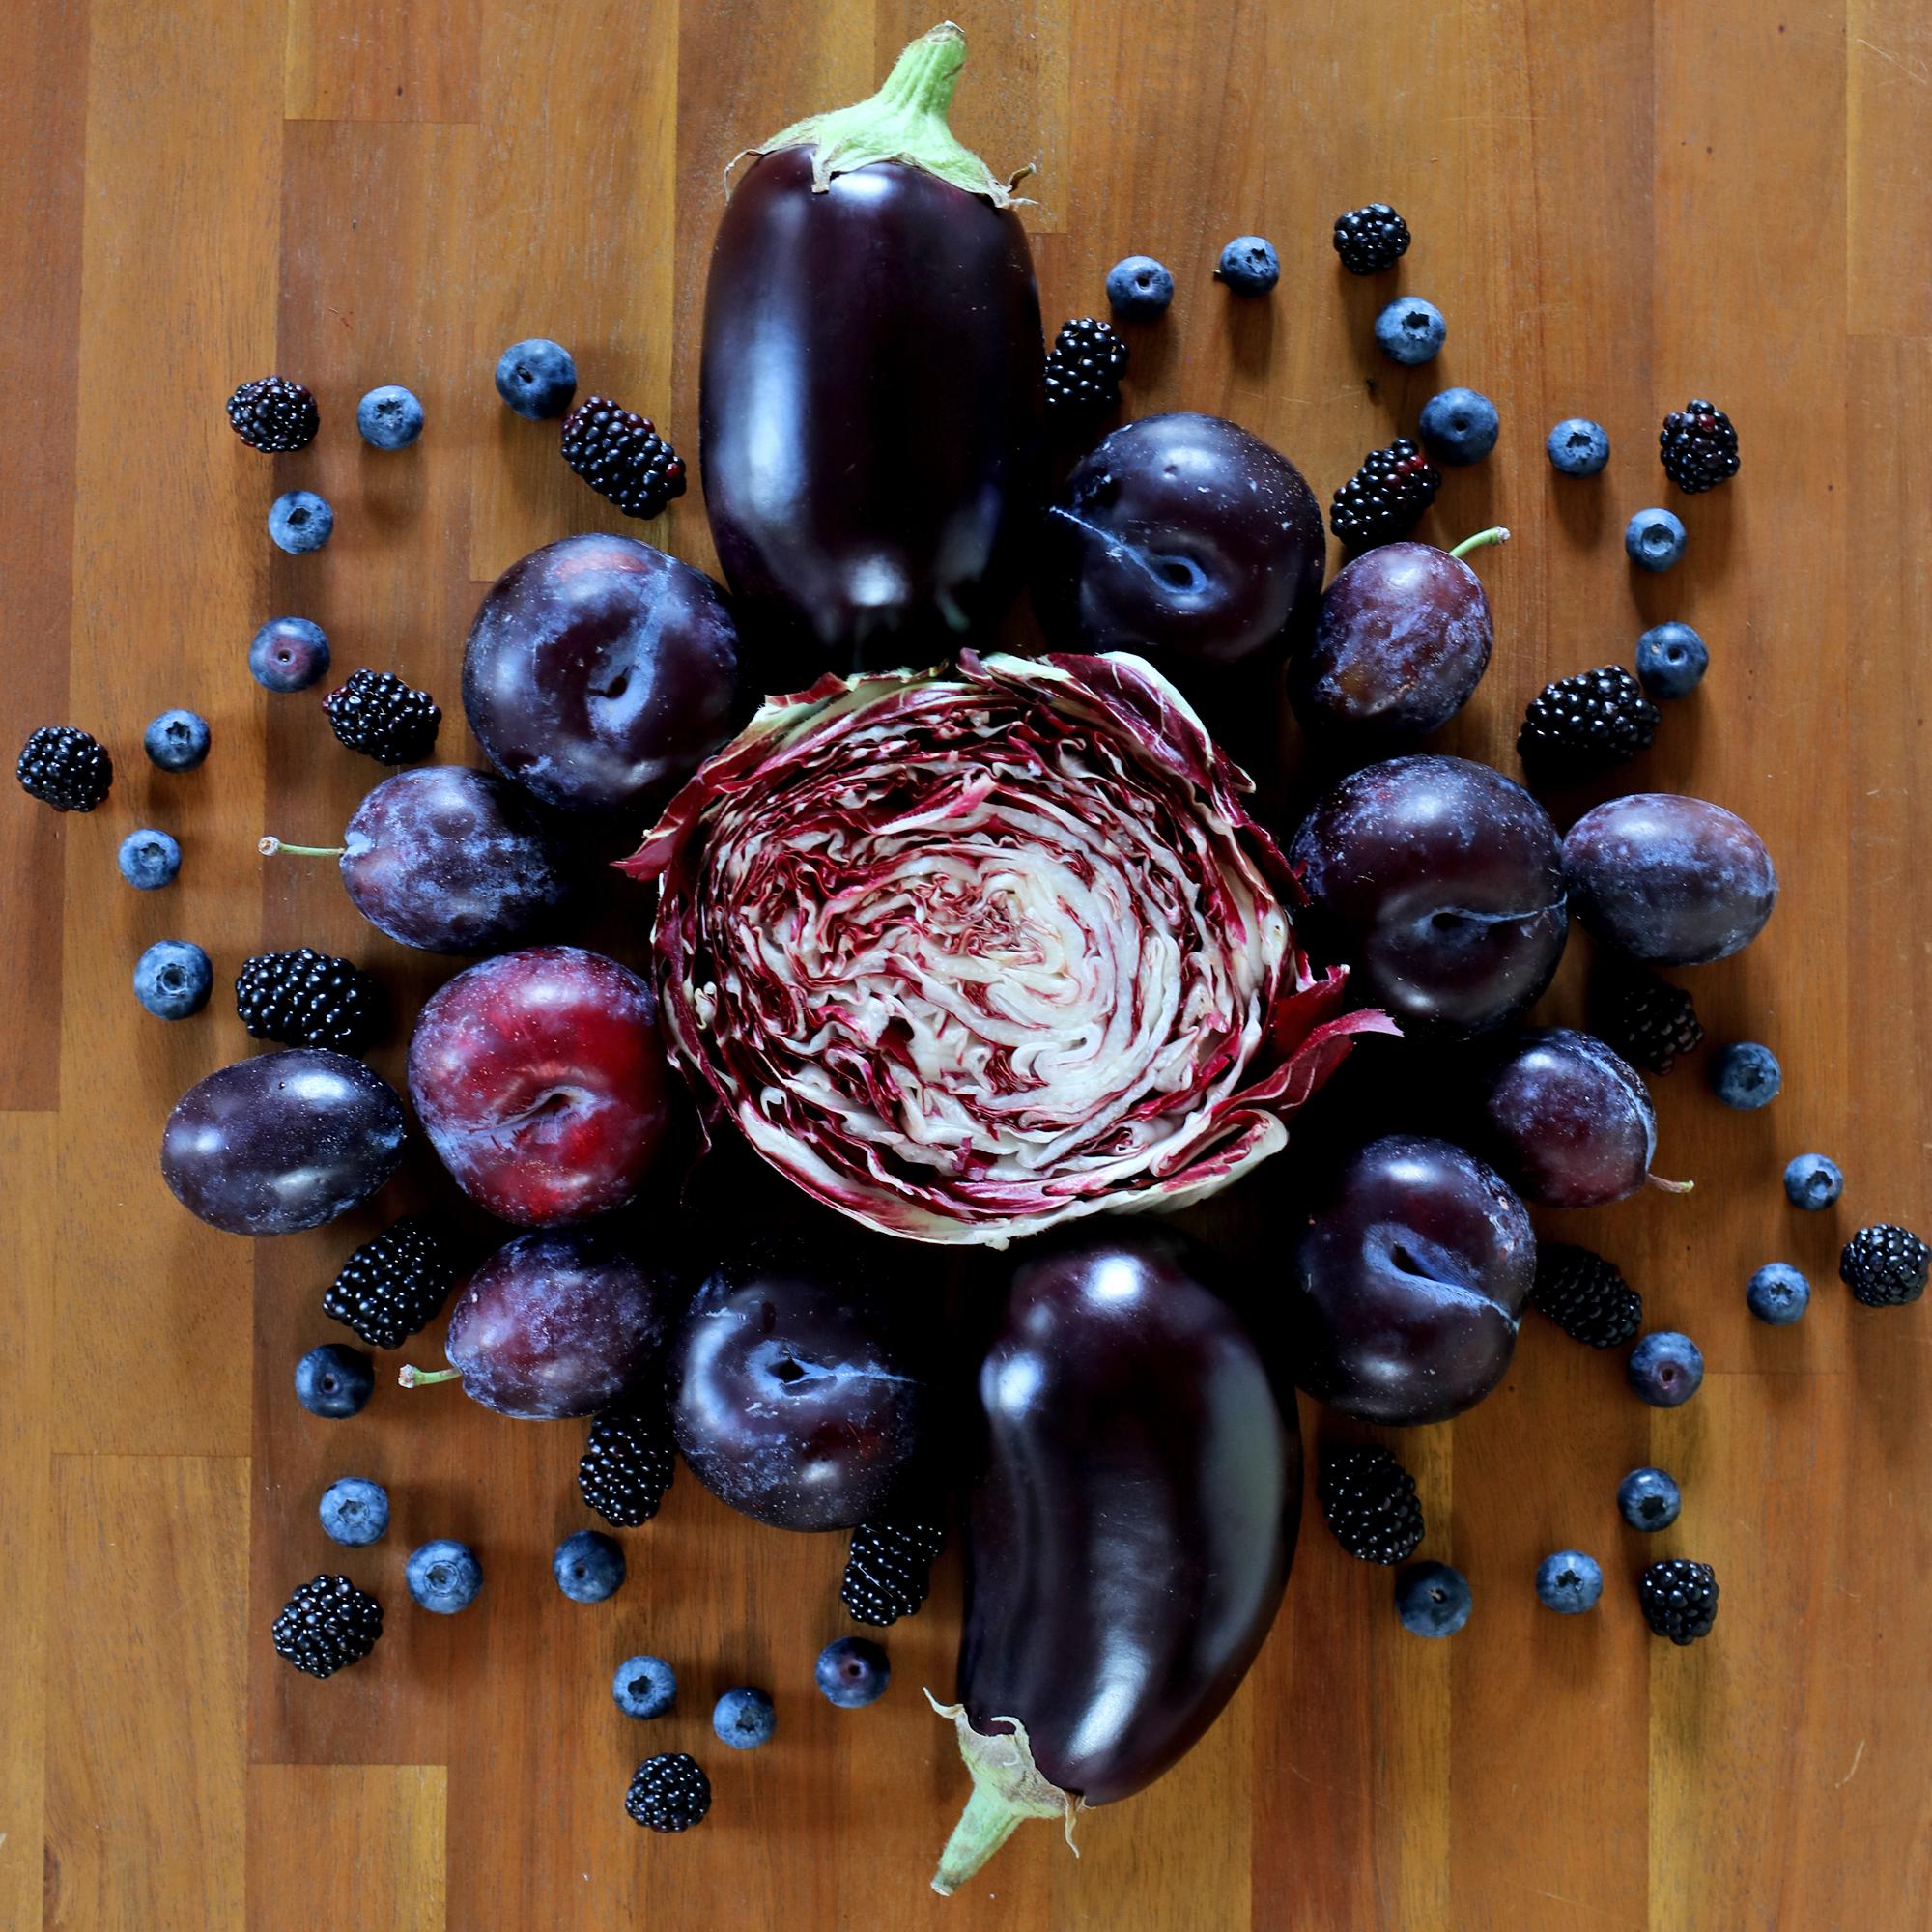 Mandala fruits d'été